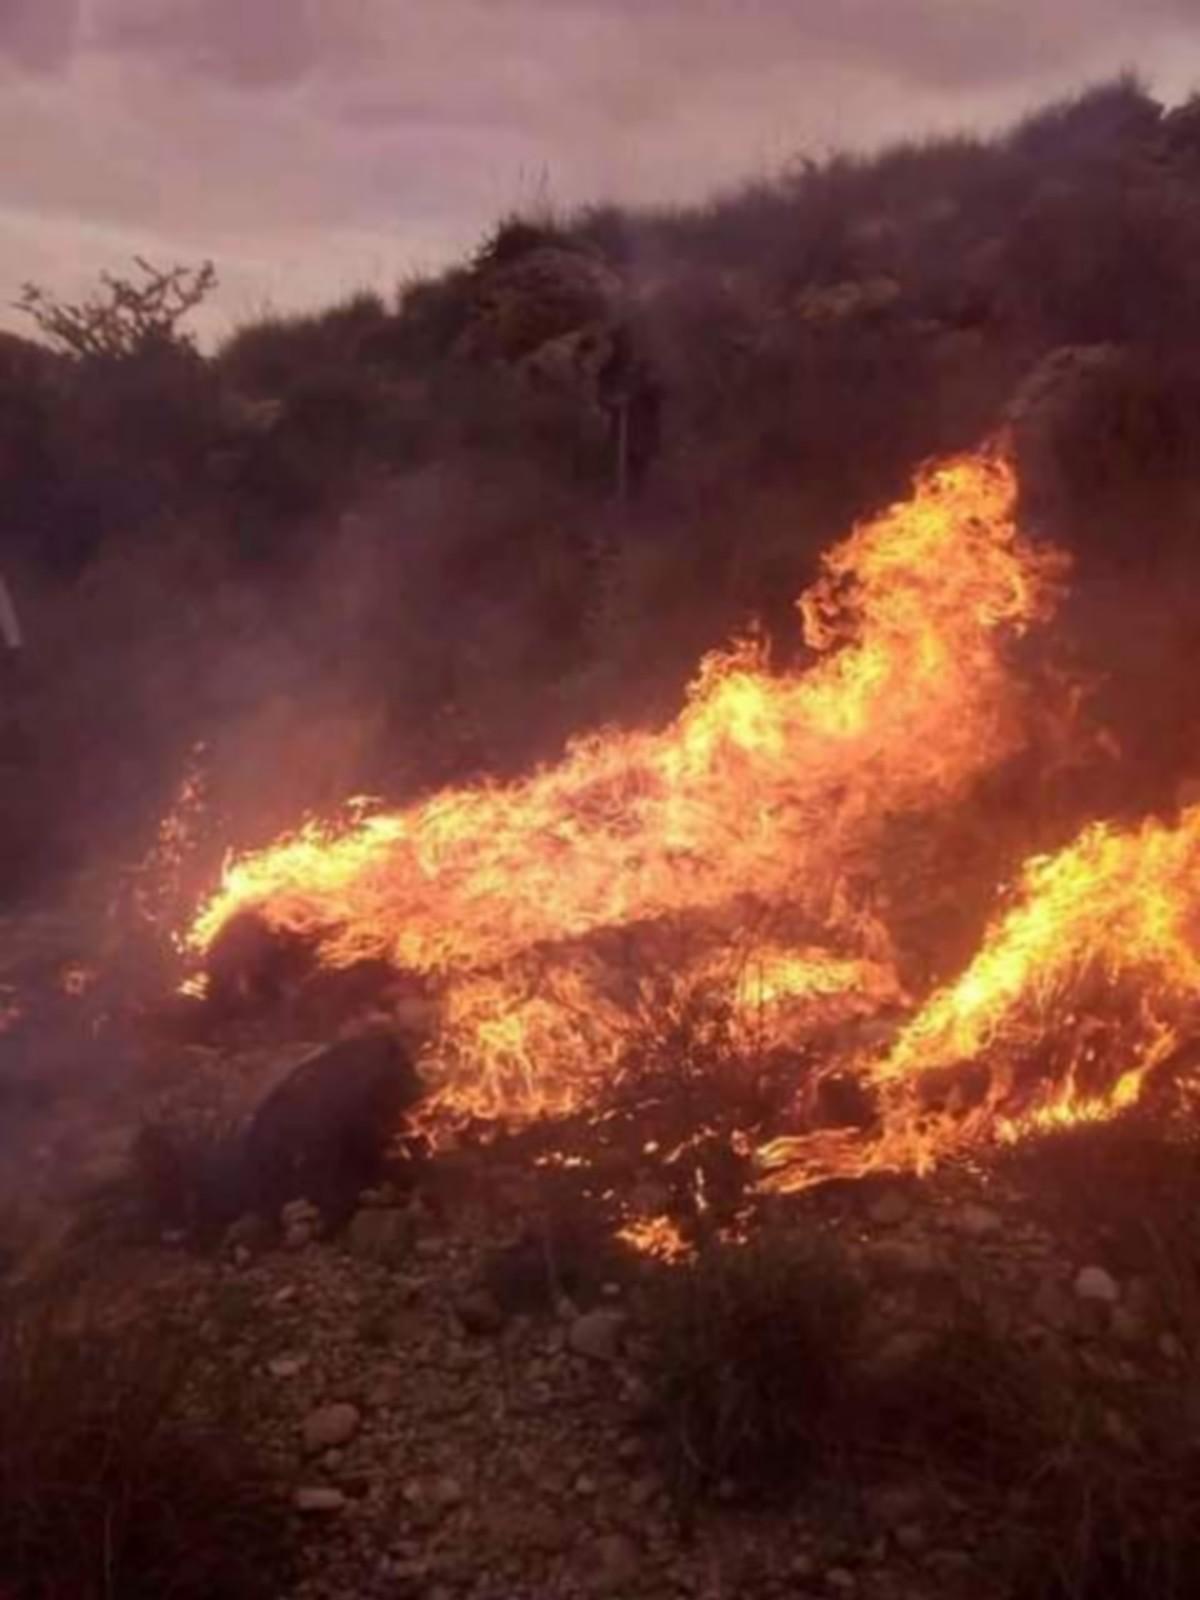 وزارة الفلاحة: عقوبات حرق الغابات والمزارع تصل حدّ إعدام